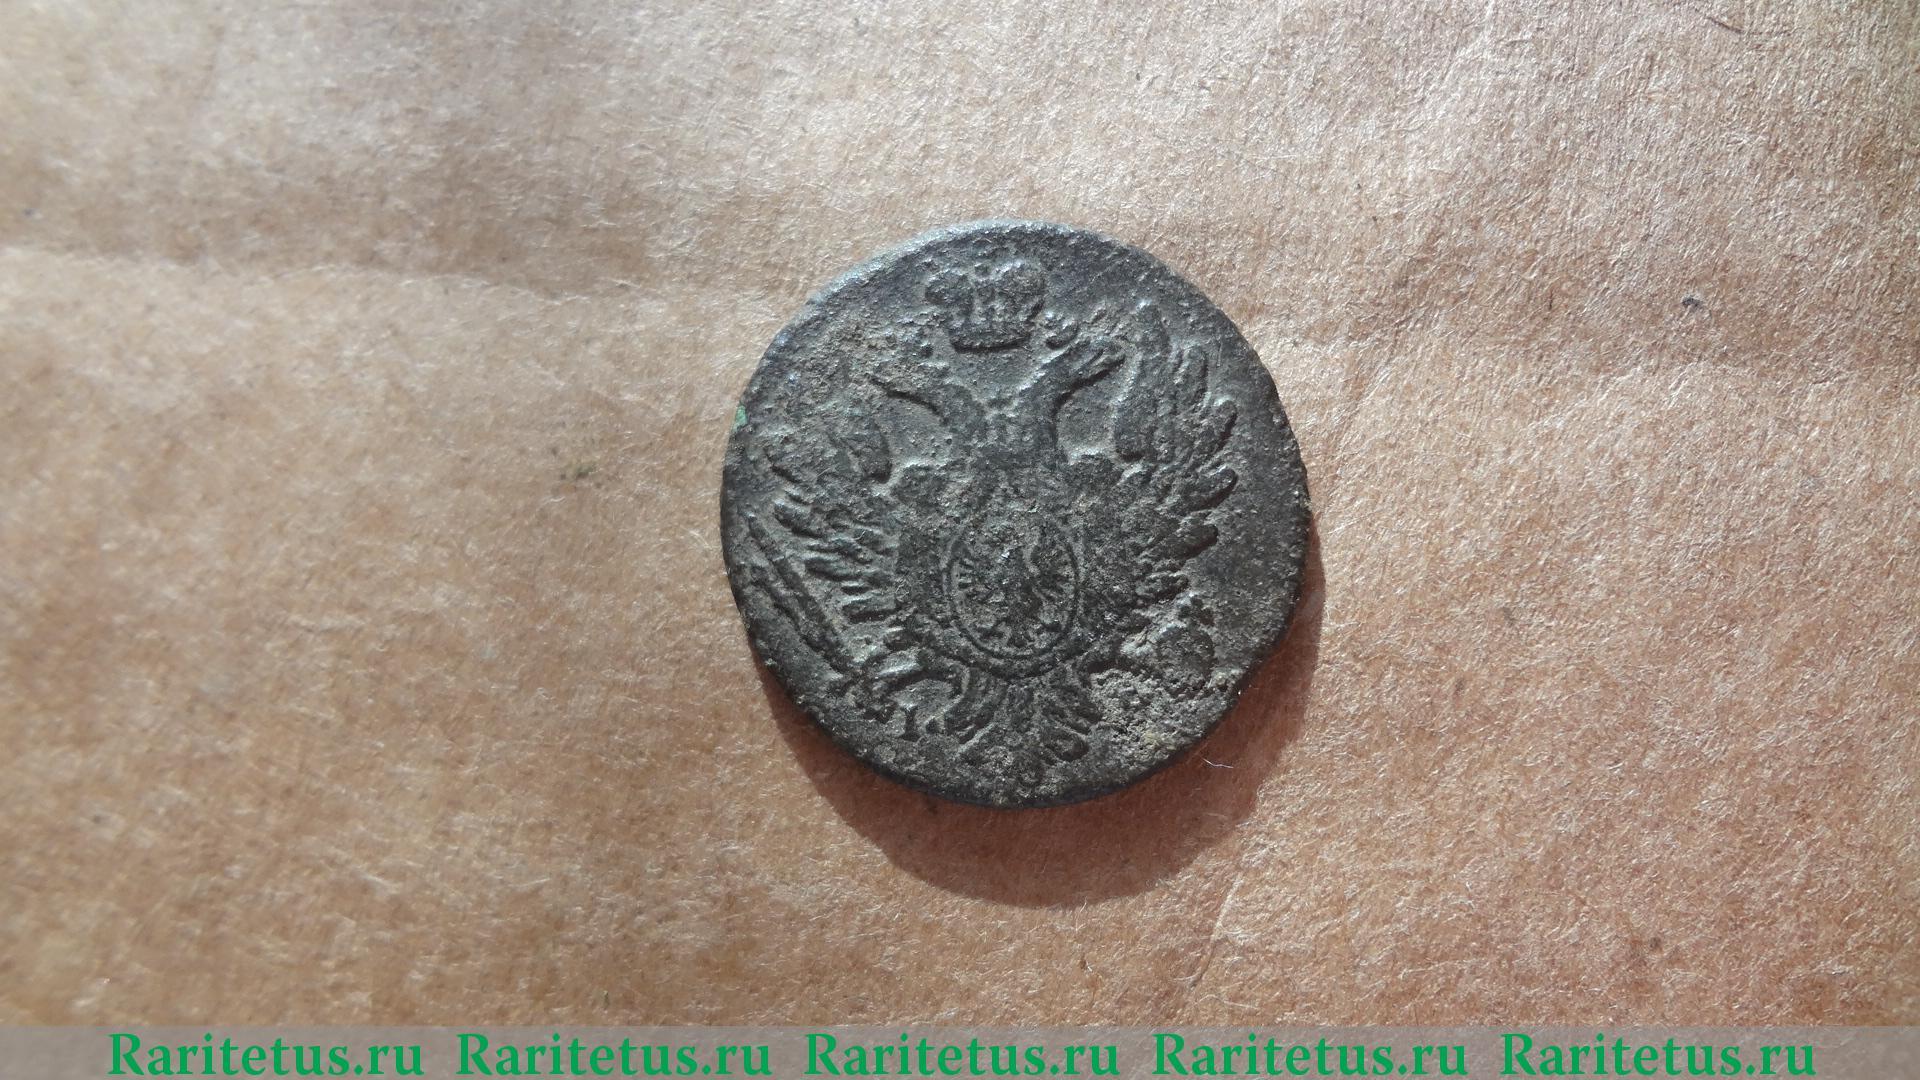 Цена монеты 1 грош (grosz) 1817 года IB, орёл 1817 ...